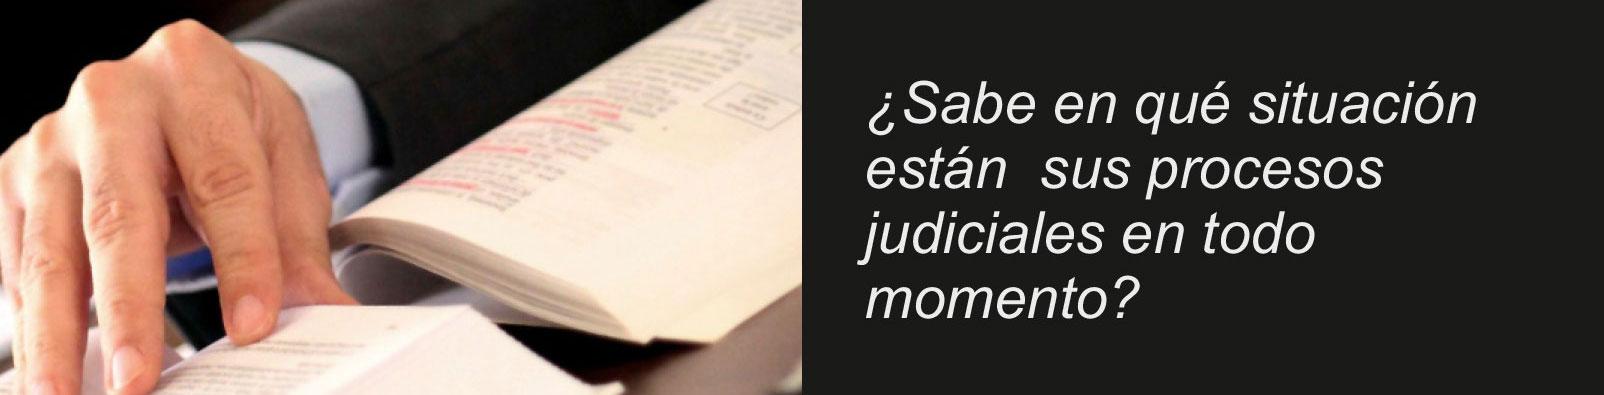 ¿Sabe en qué situación están sus procesos judiciales en todo momento?